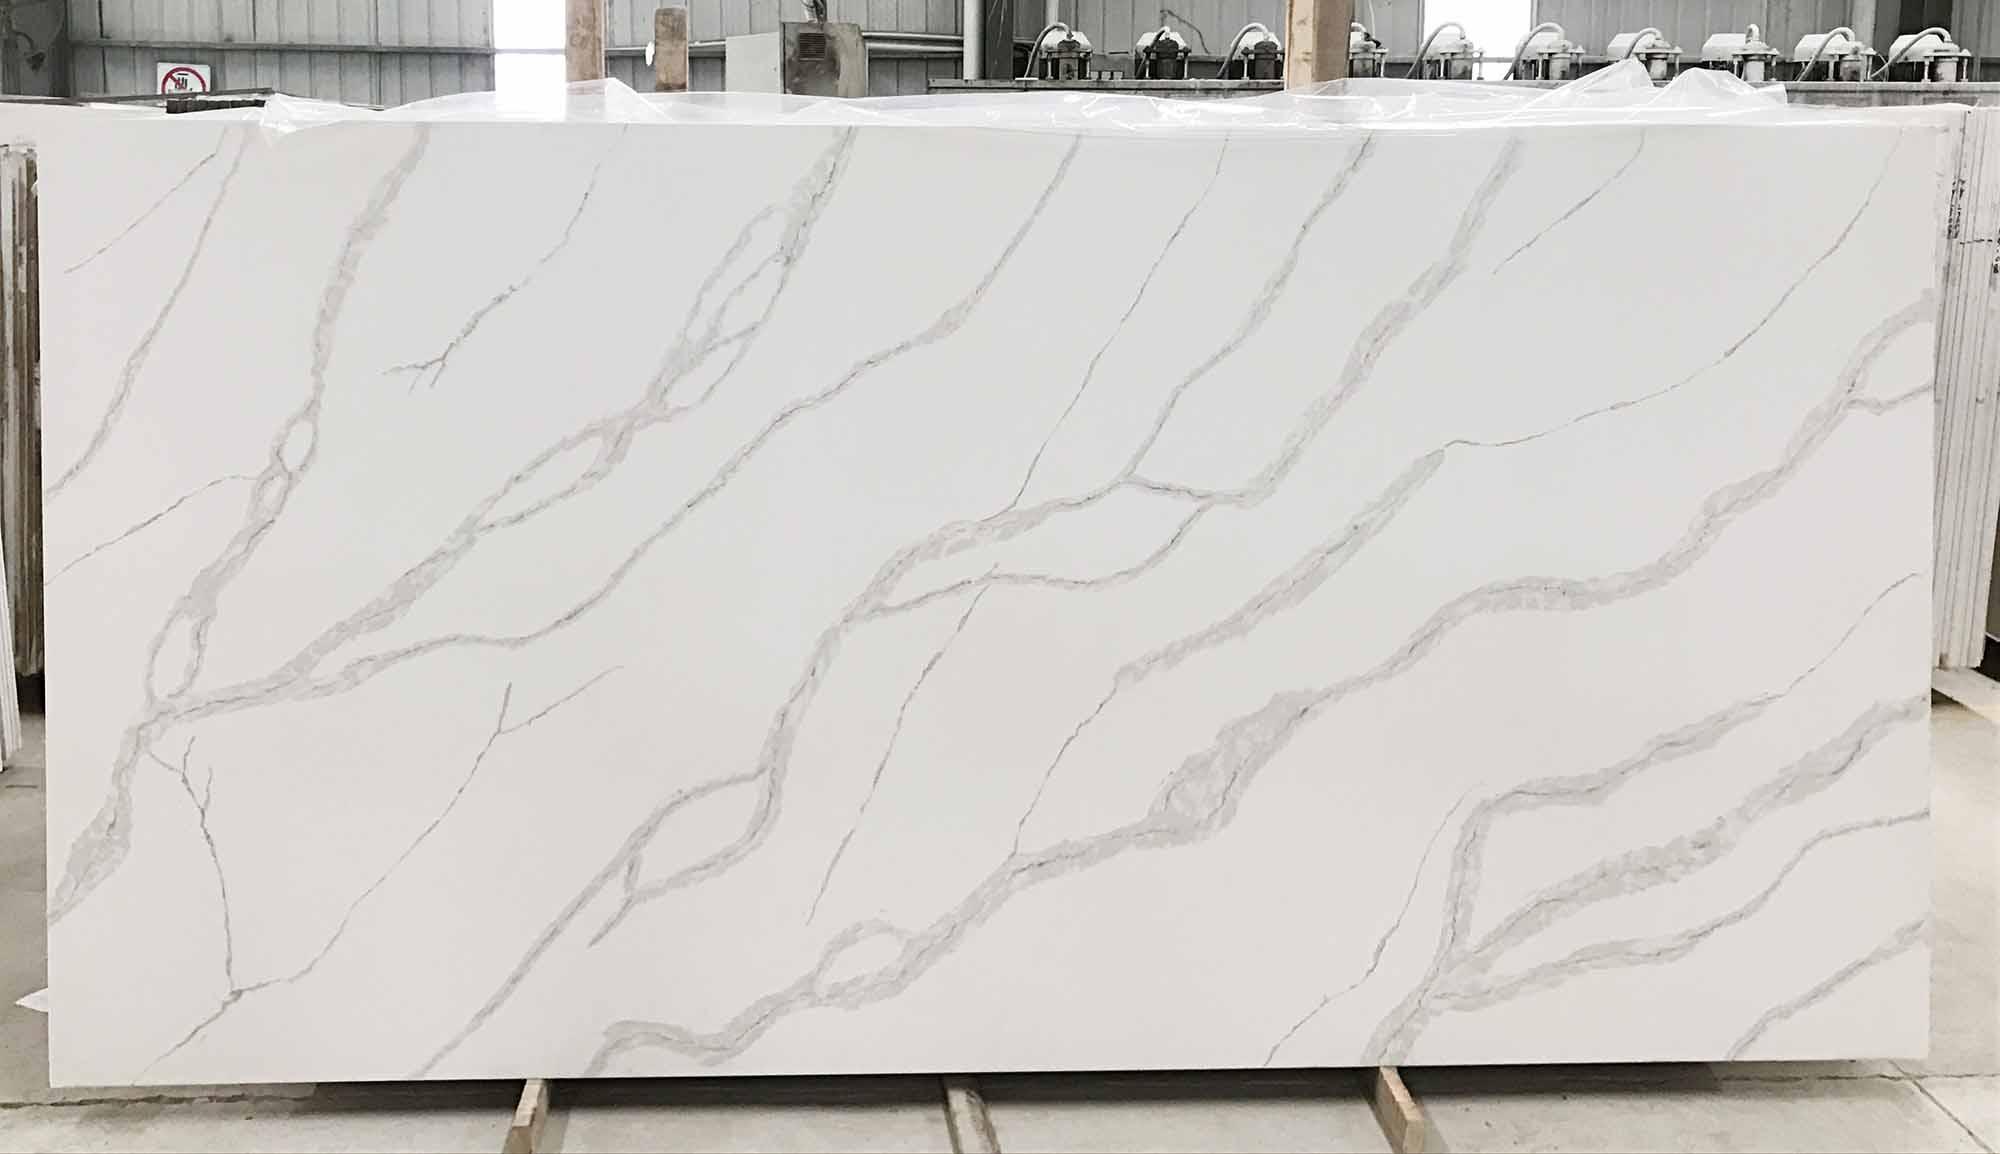 Calacatta White Verona